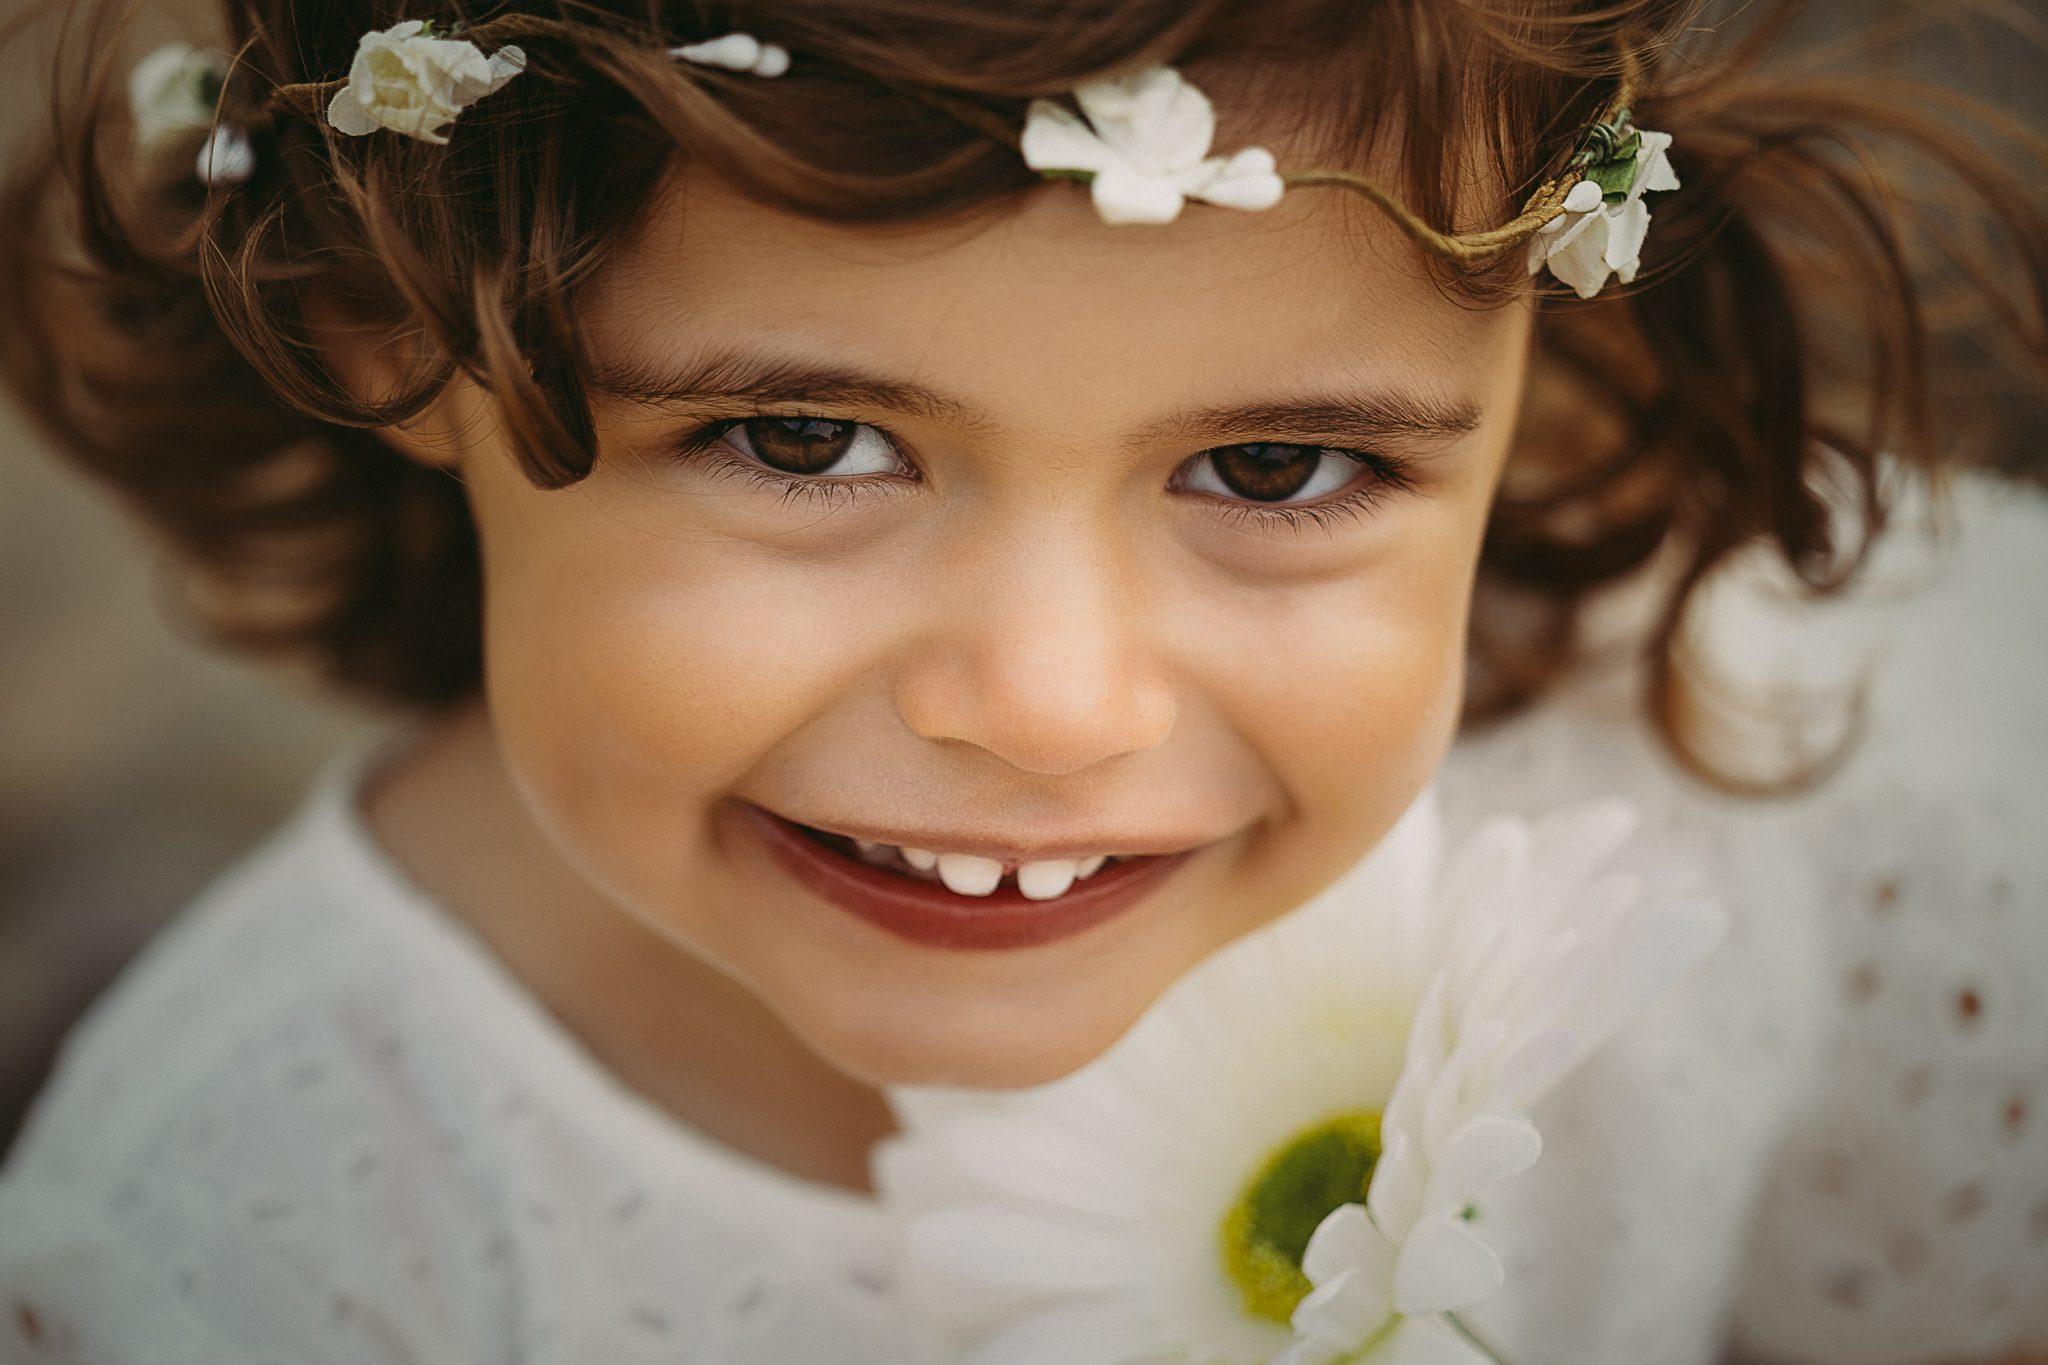 Pequenas Memórias - Fotografia Infantil